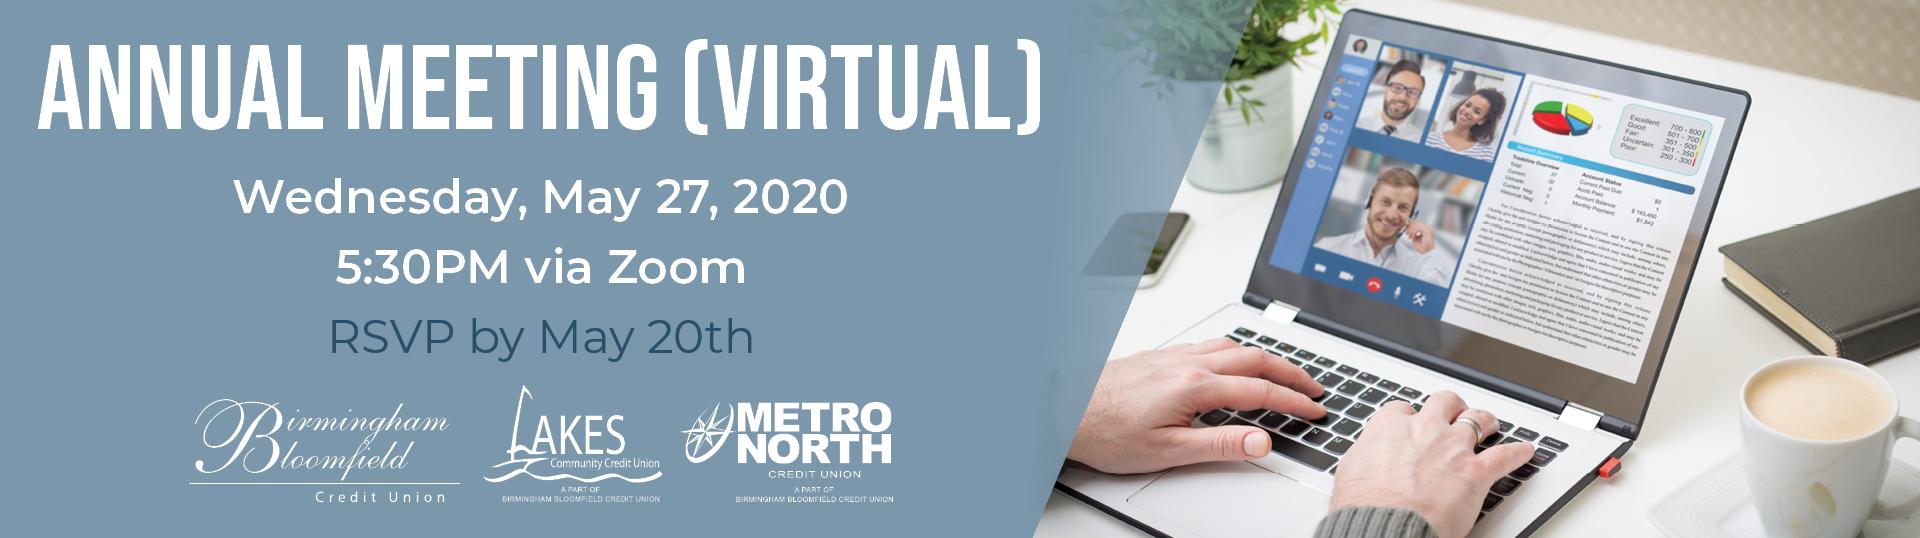 Annual Meeting Virtual Banner